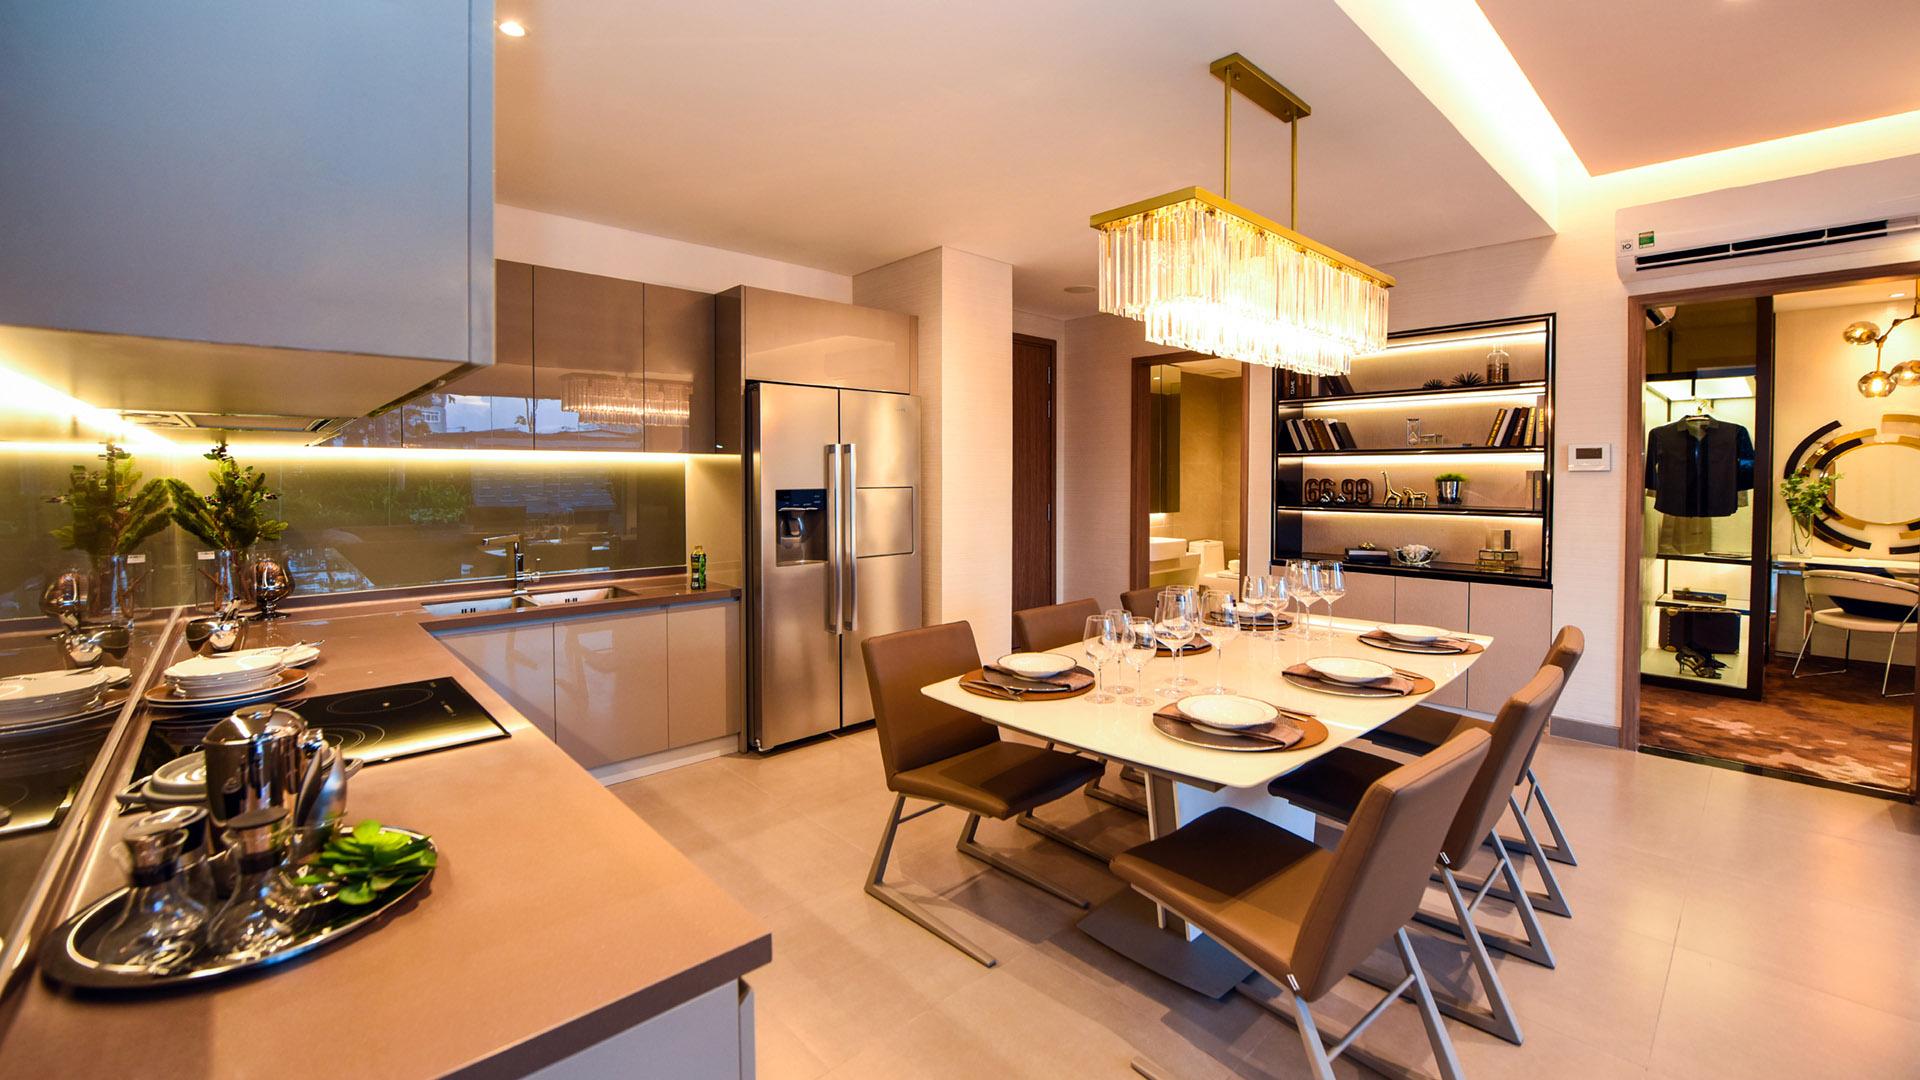 thiết kế bếp căn hộ ecogreen sài gòn quận 7